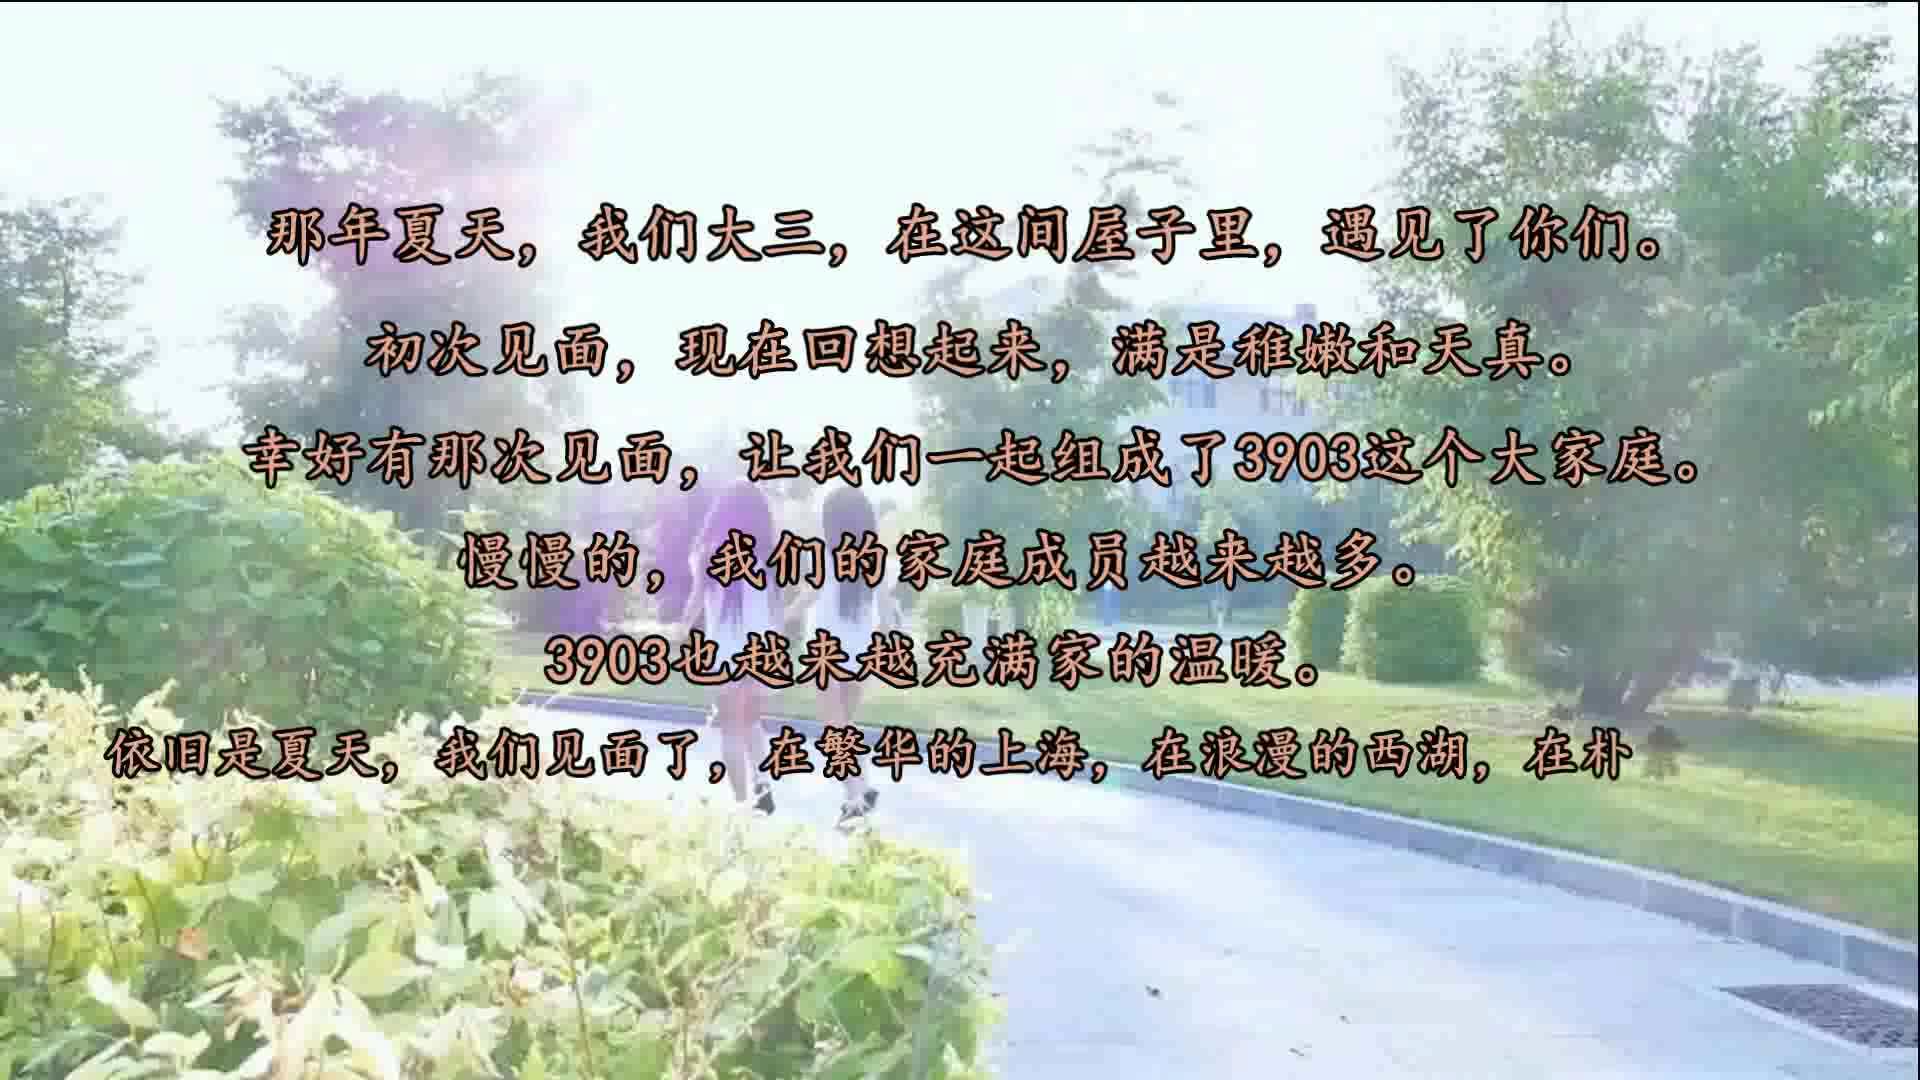 3903布丁豆丁三周年周年庆